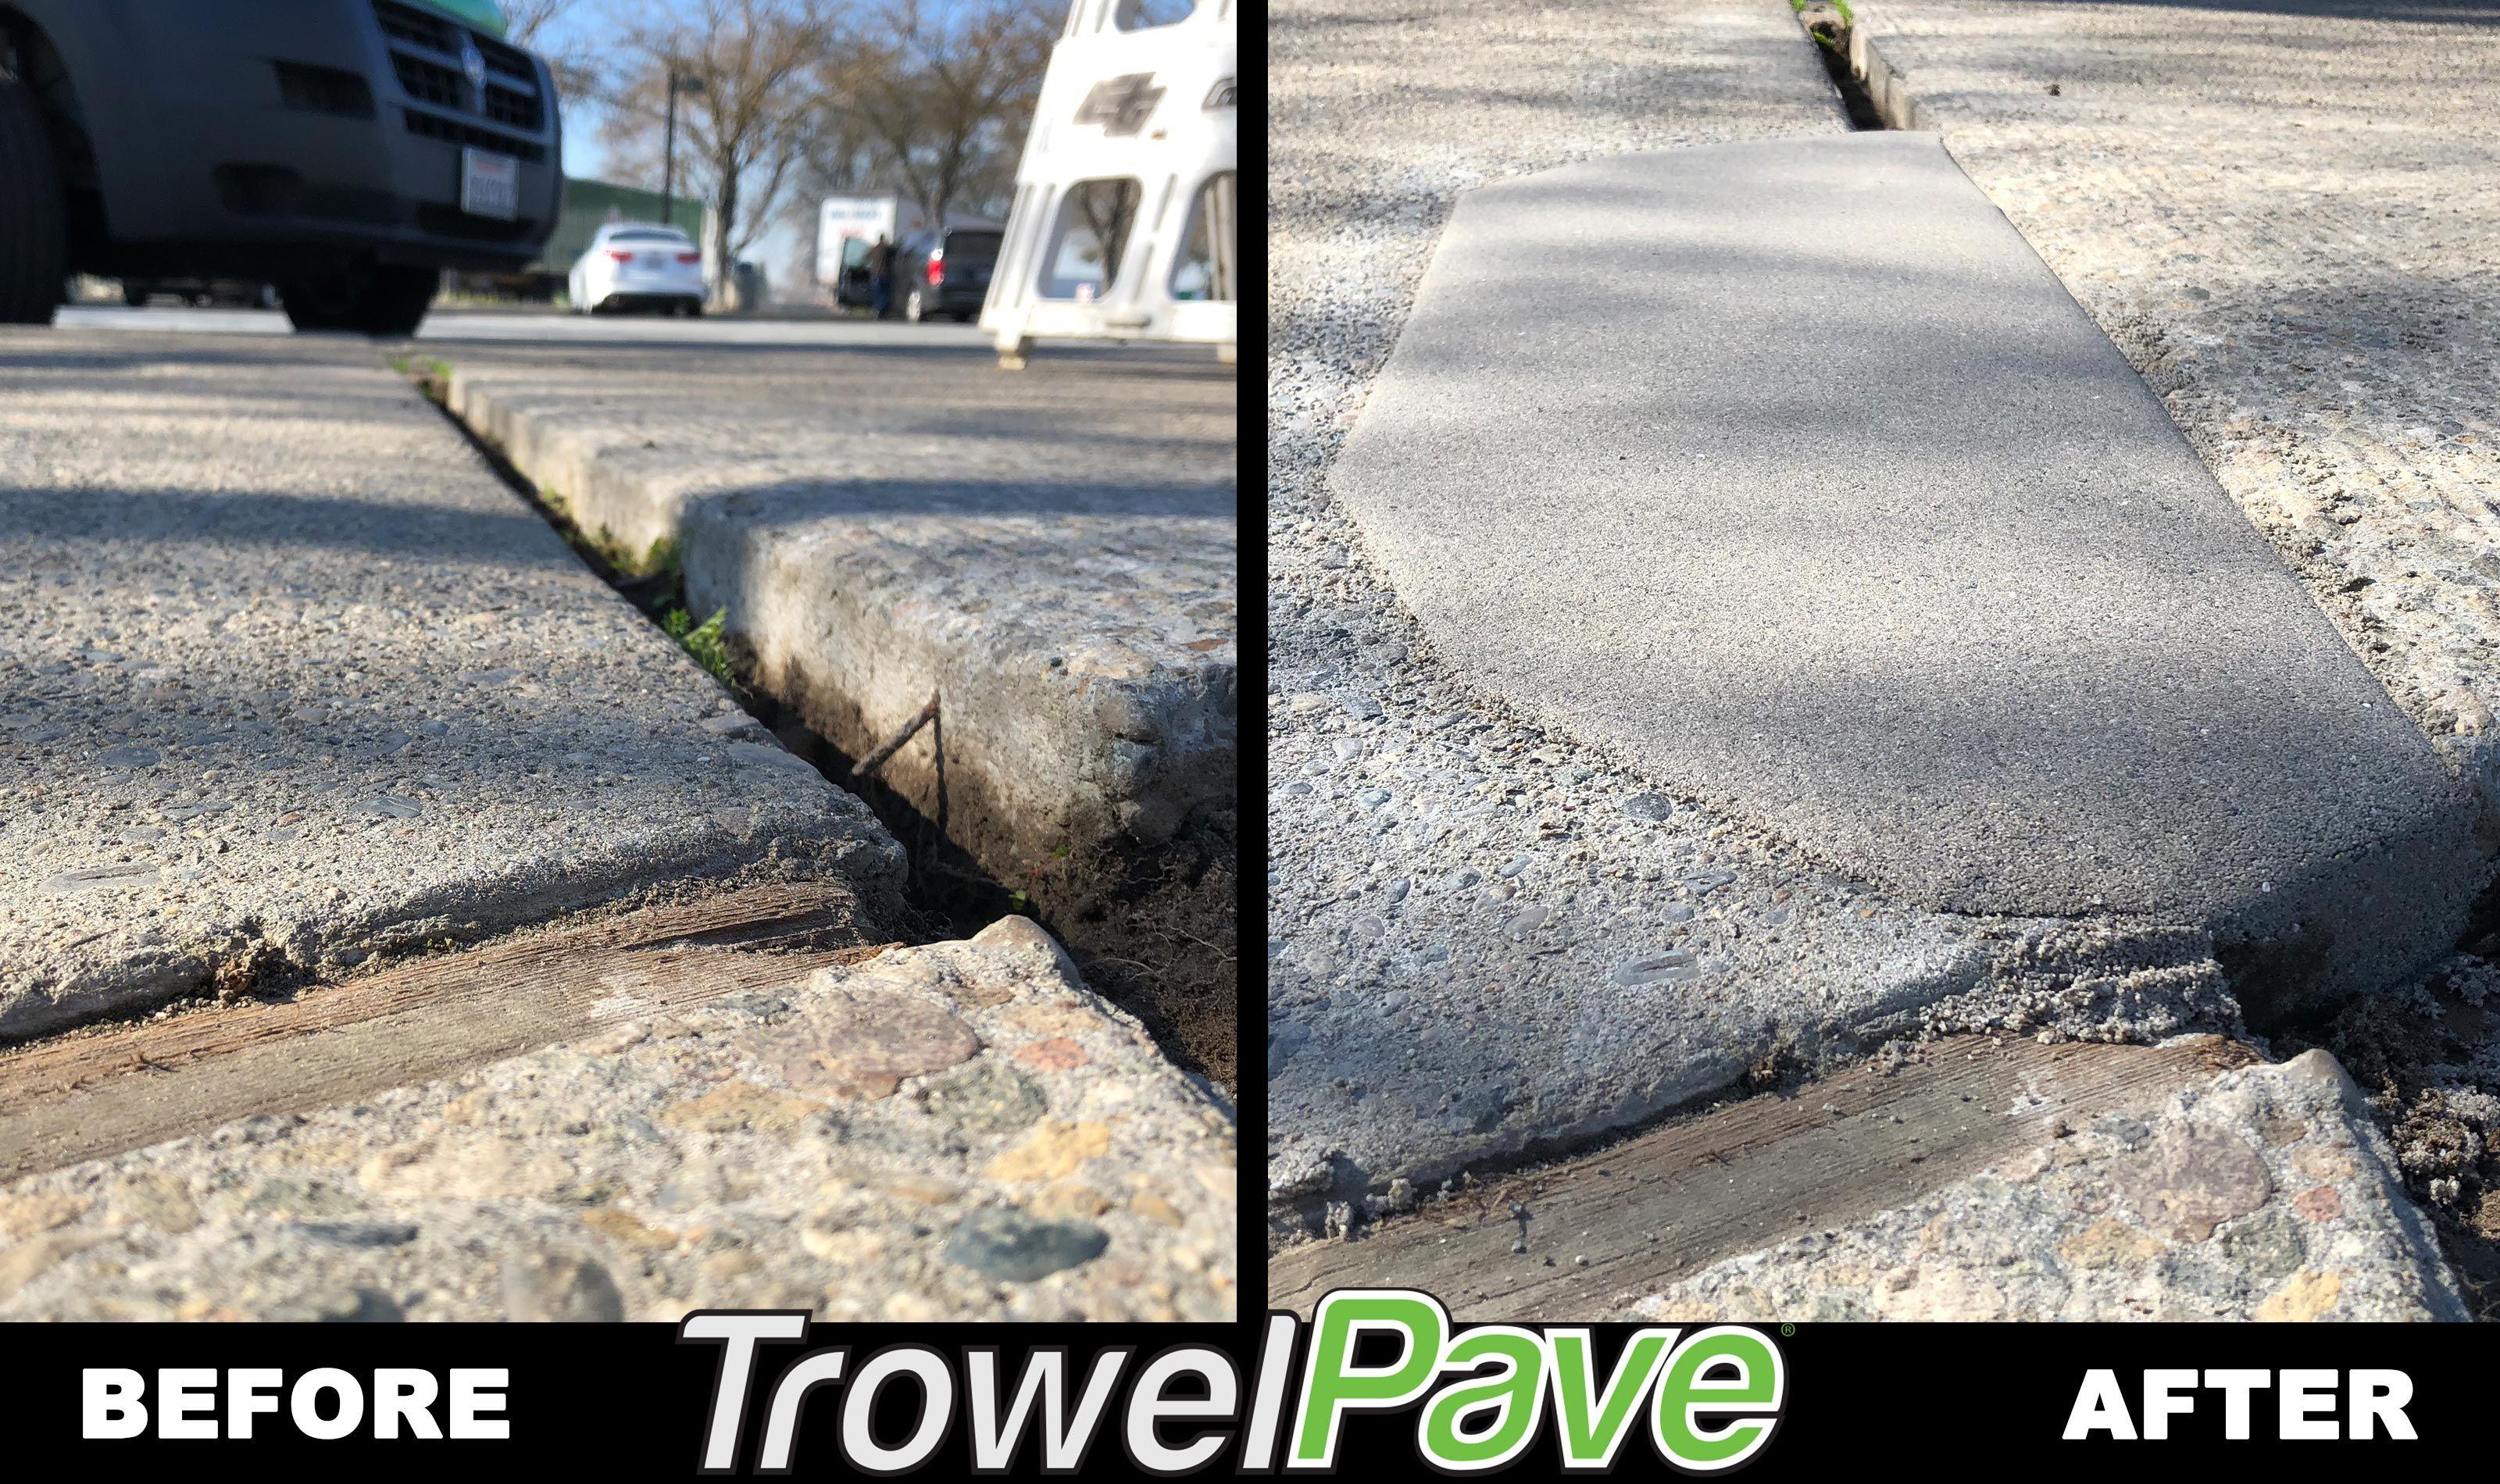 Sidewalk trip hazard repair using TrowelPave Concrete